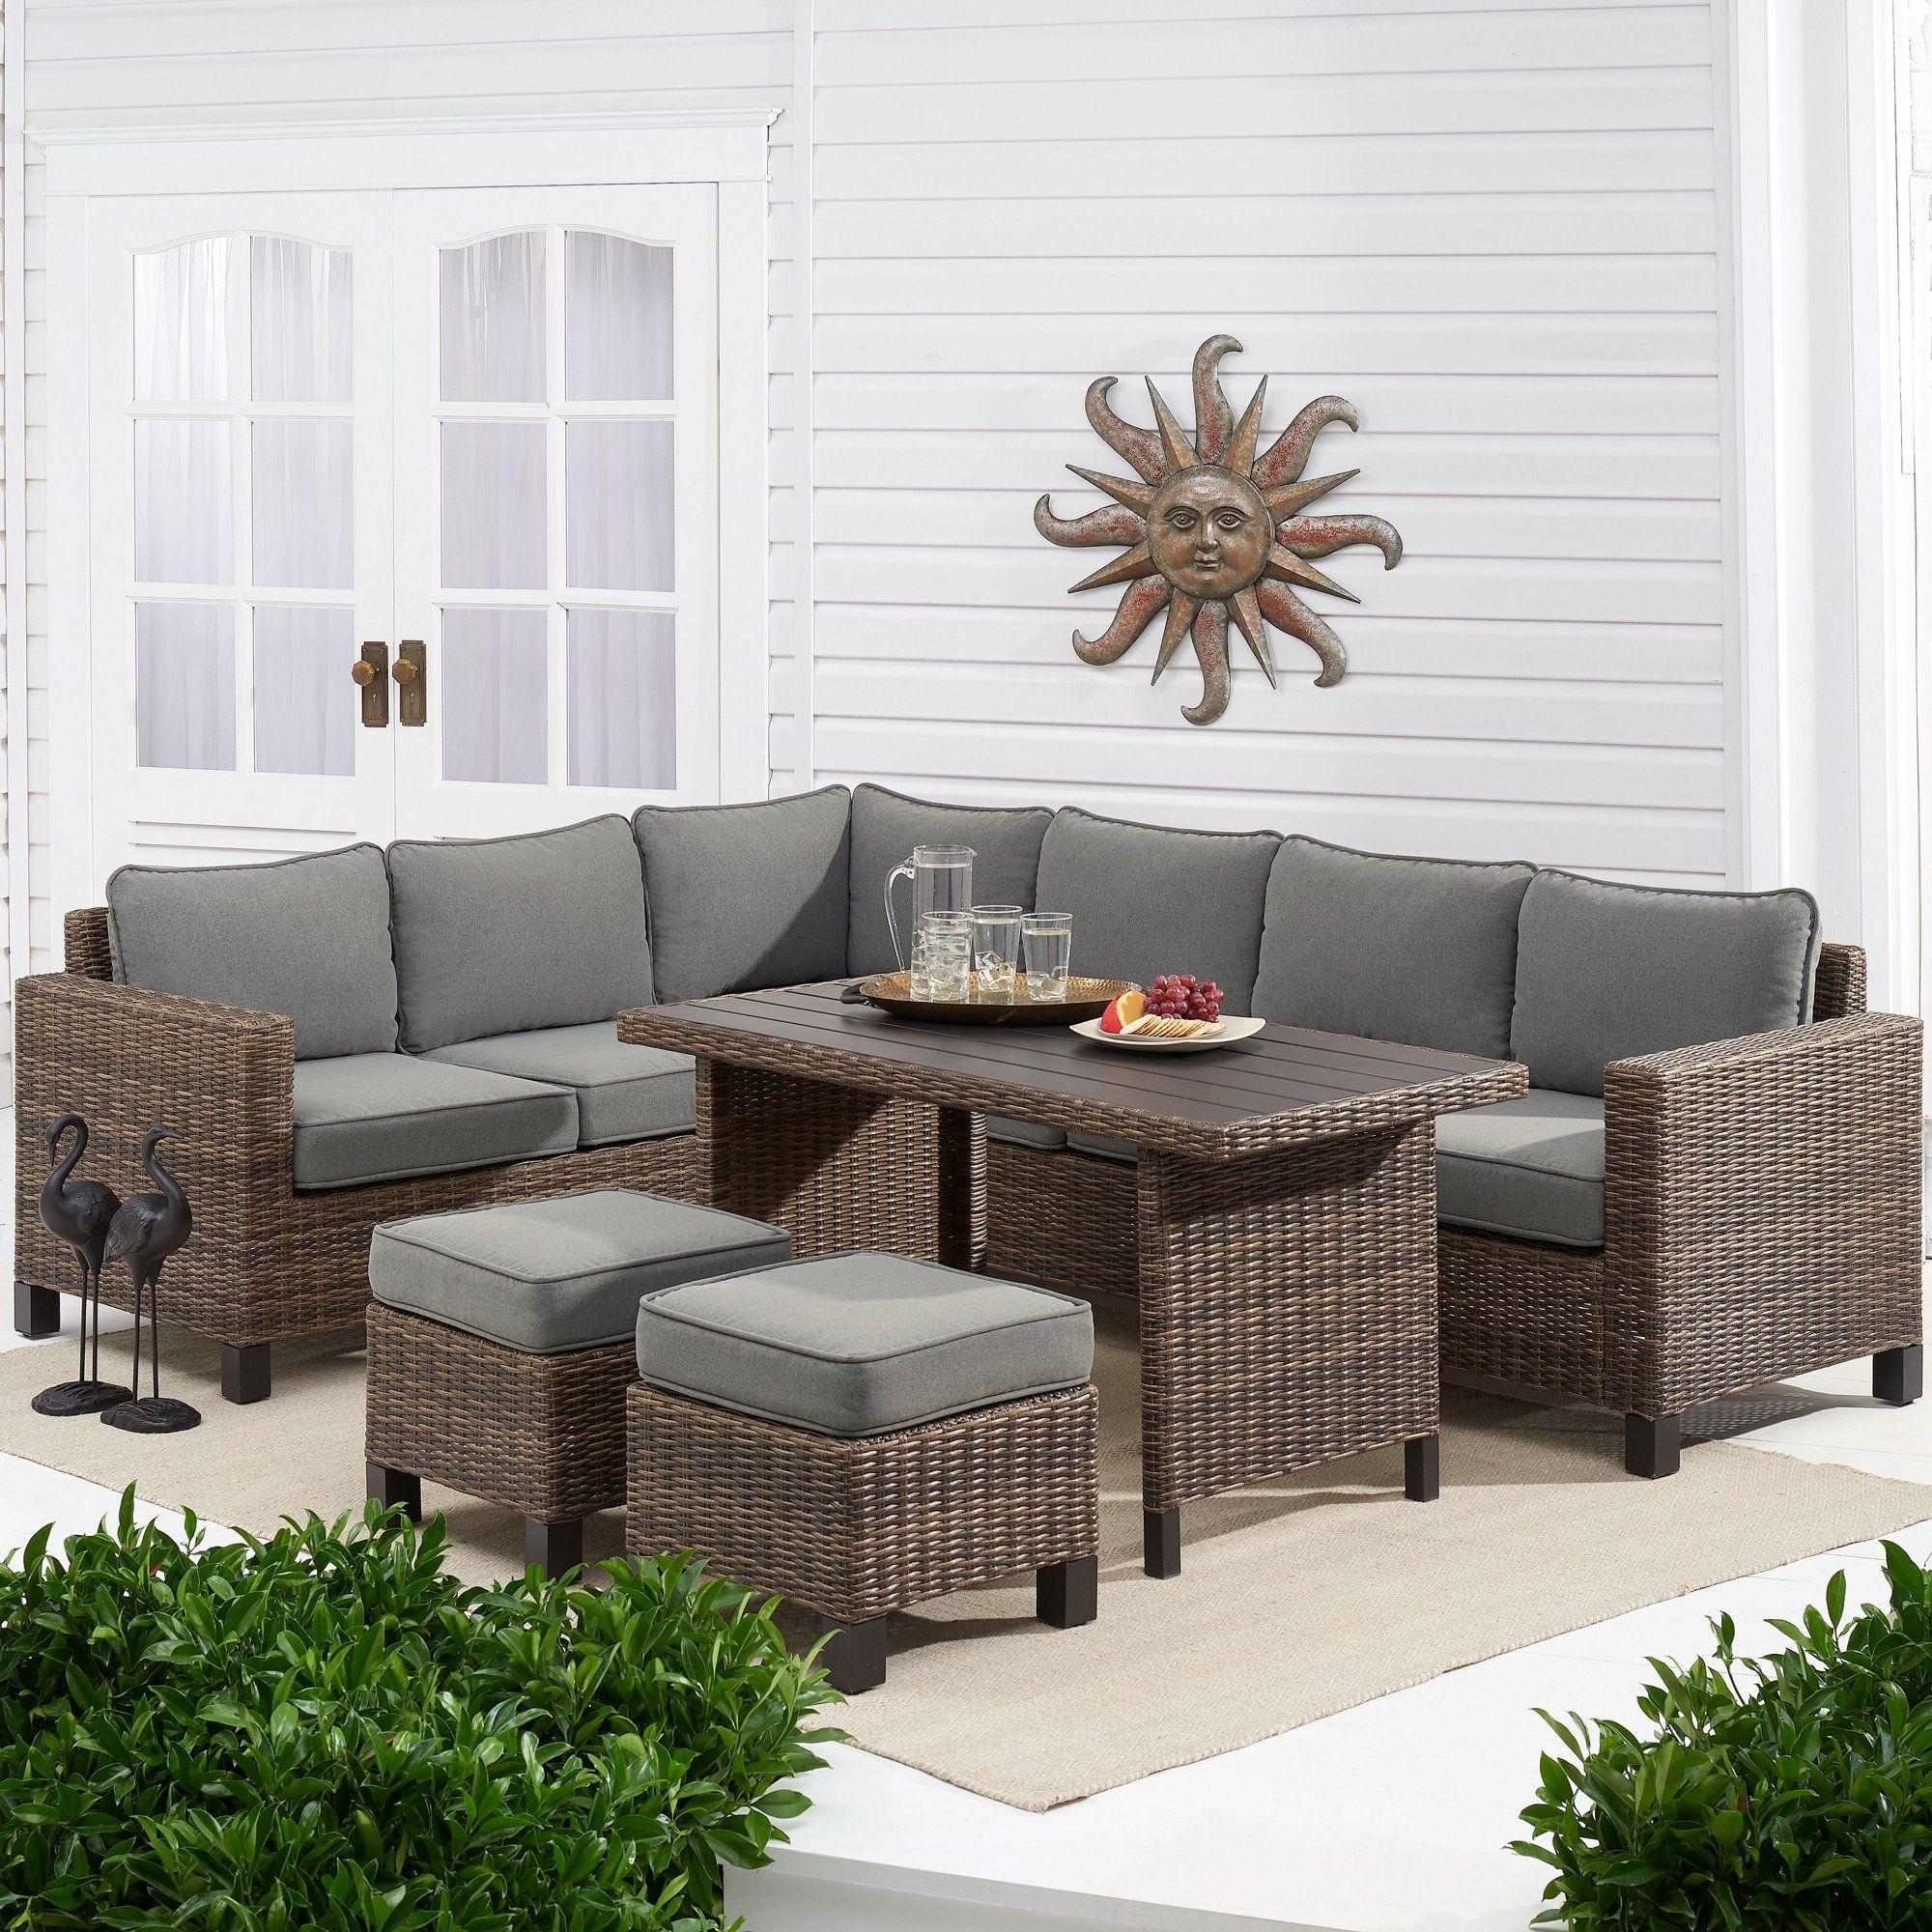 0dc174512e780e634bc11b0d22e7d044 - Better Homes And Gardens Brookbury 5 Piece Patio